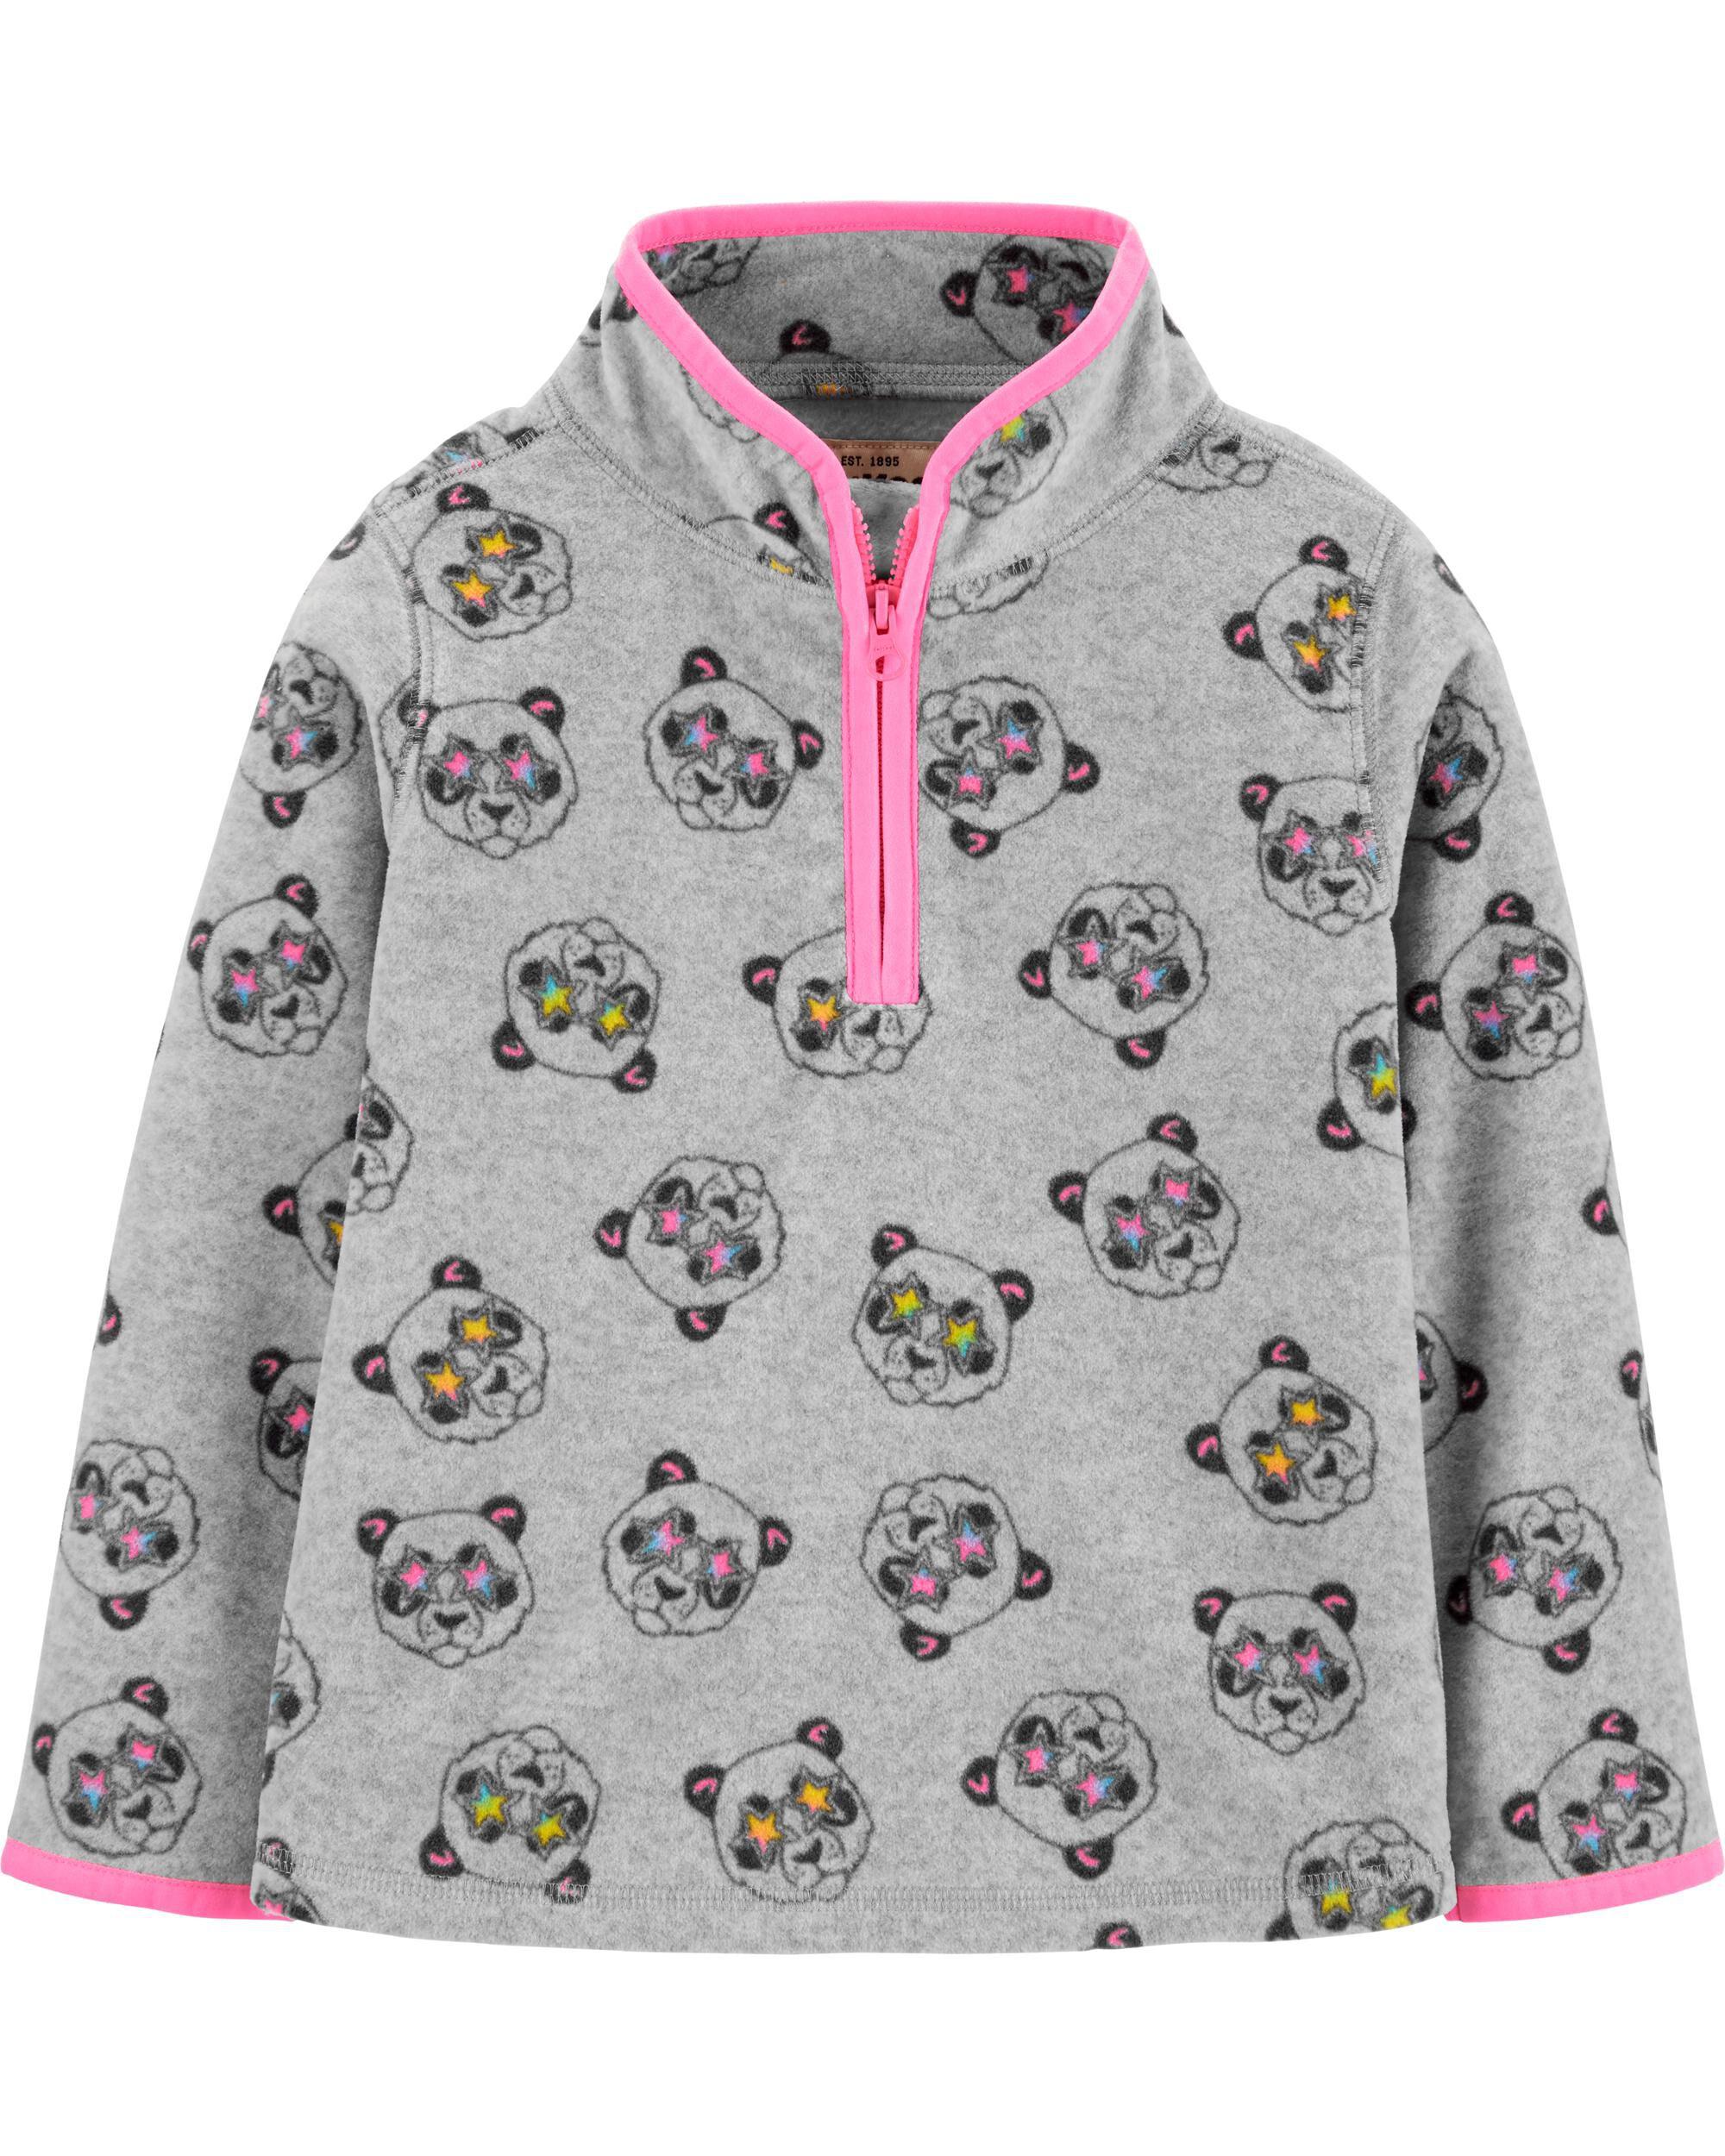 OshKosh BGosh Little Girls Green Winter Penguin Sweater